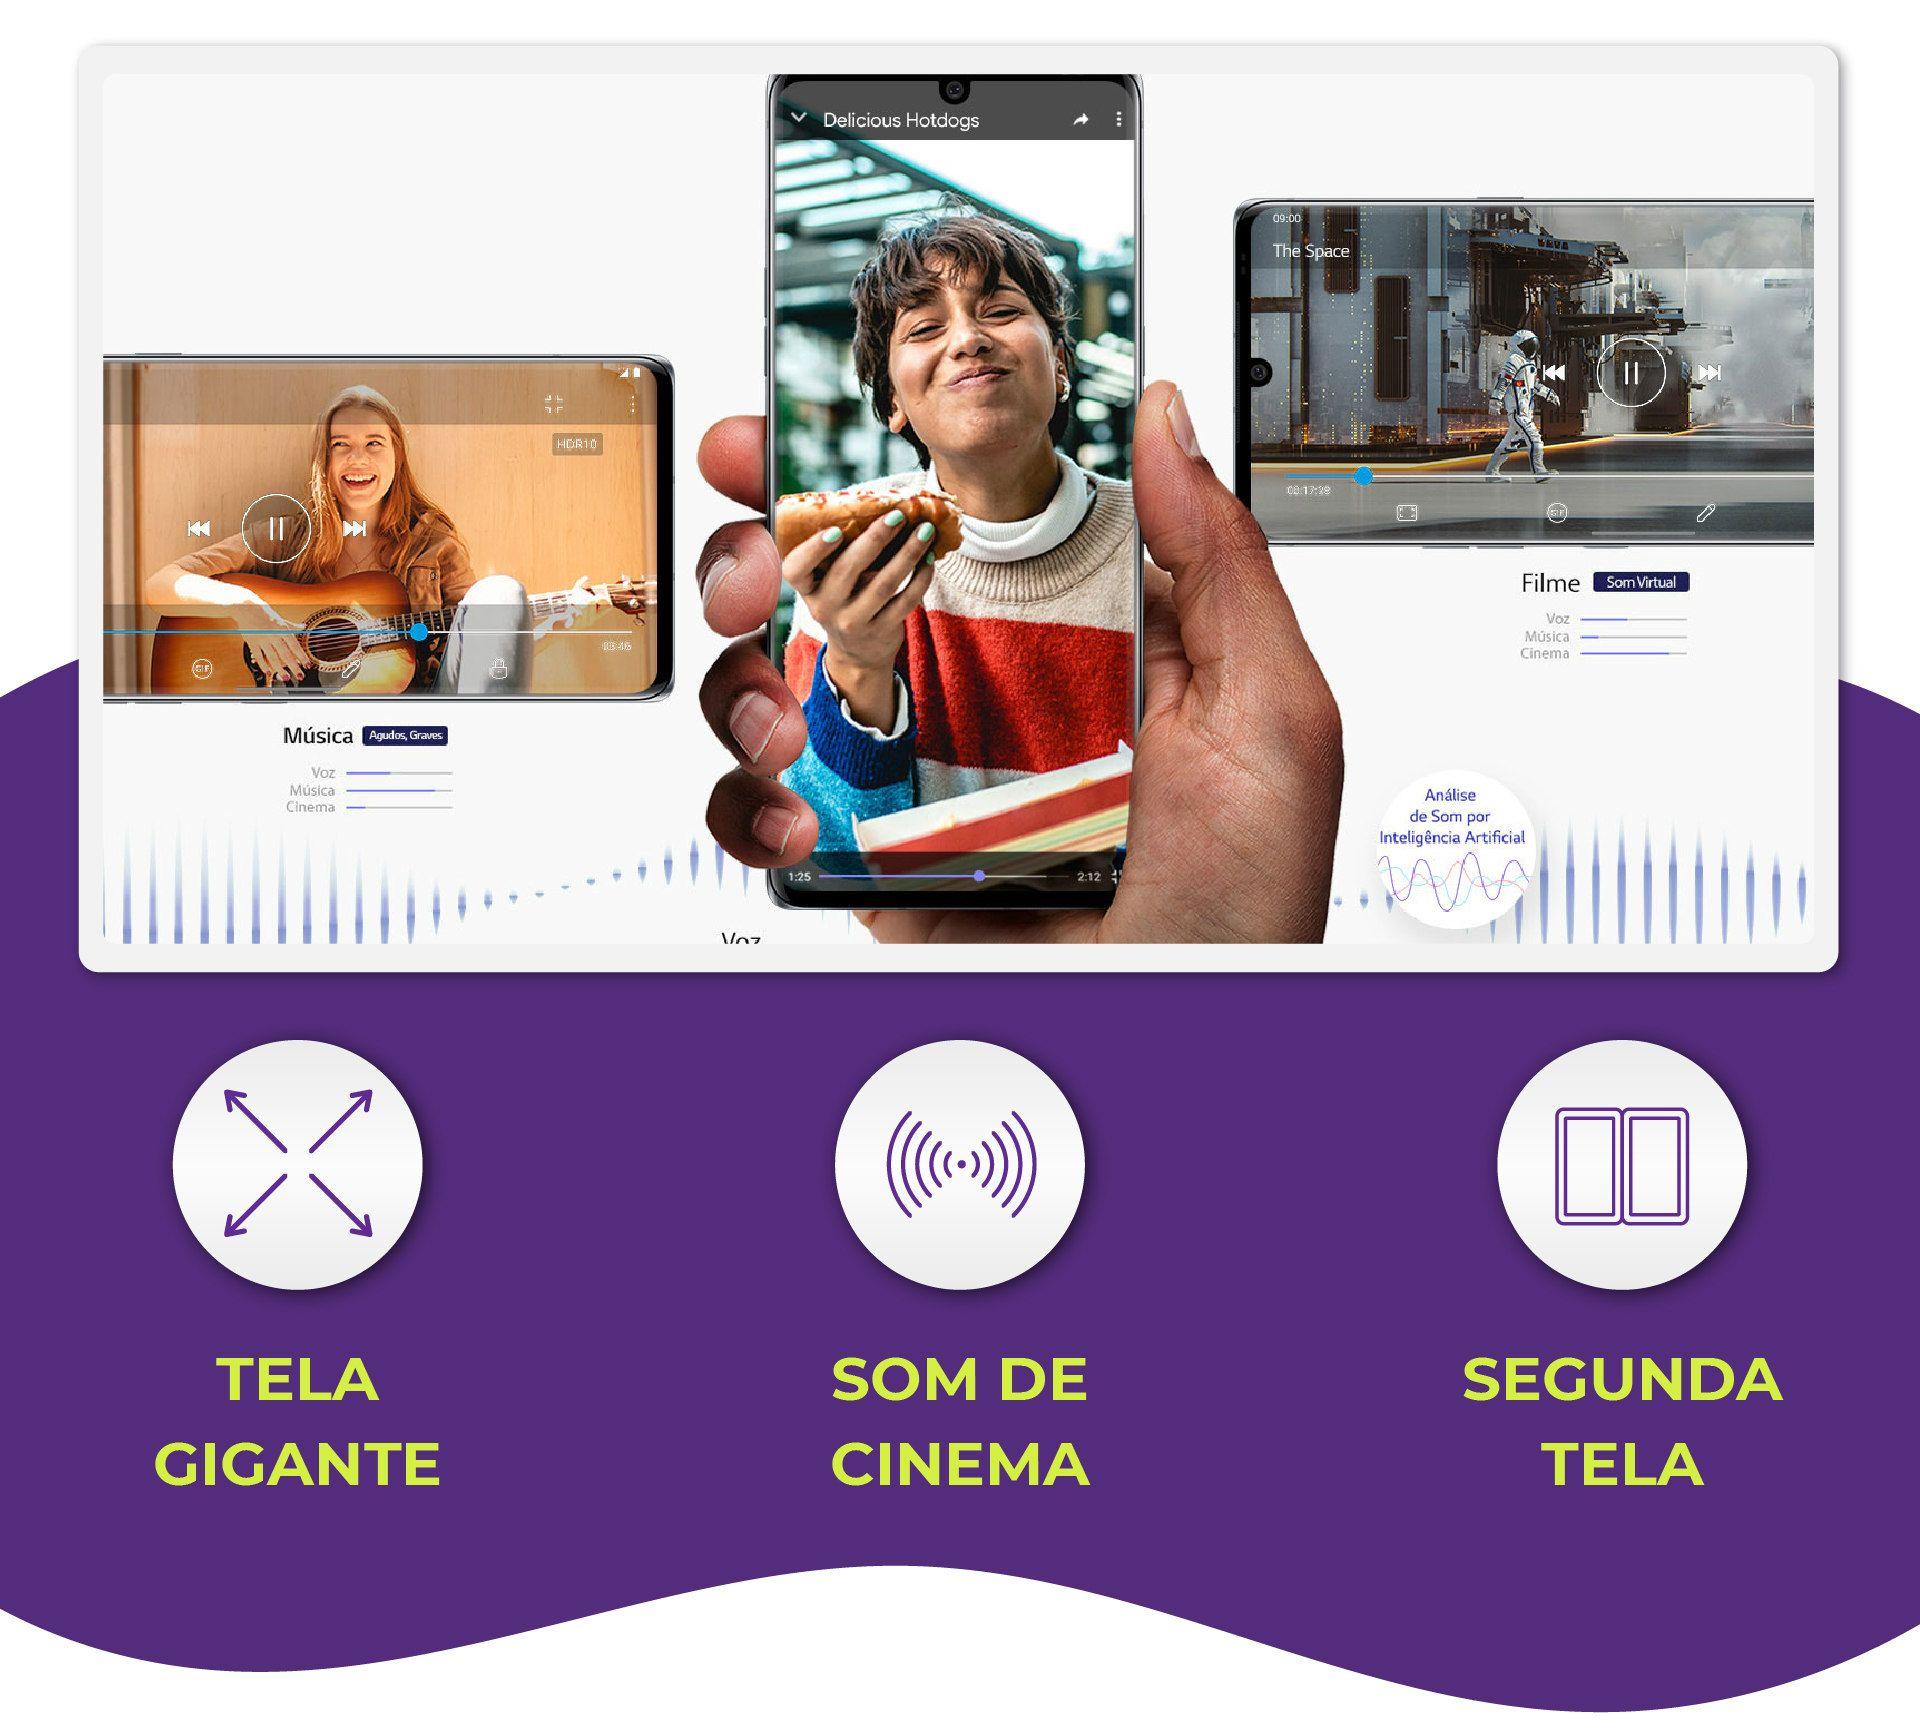 A tela gigante e o som de cinema são ideais para assistir filmes e séries no LG Velvet (Foto: Divulgação/LG)